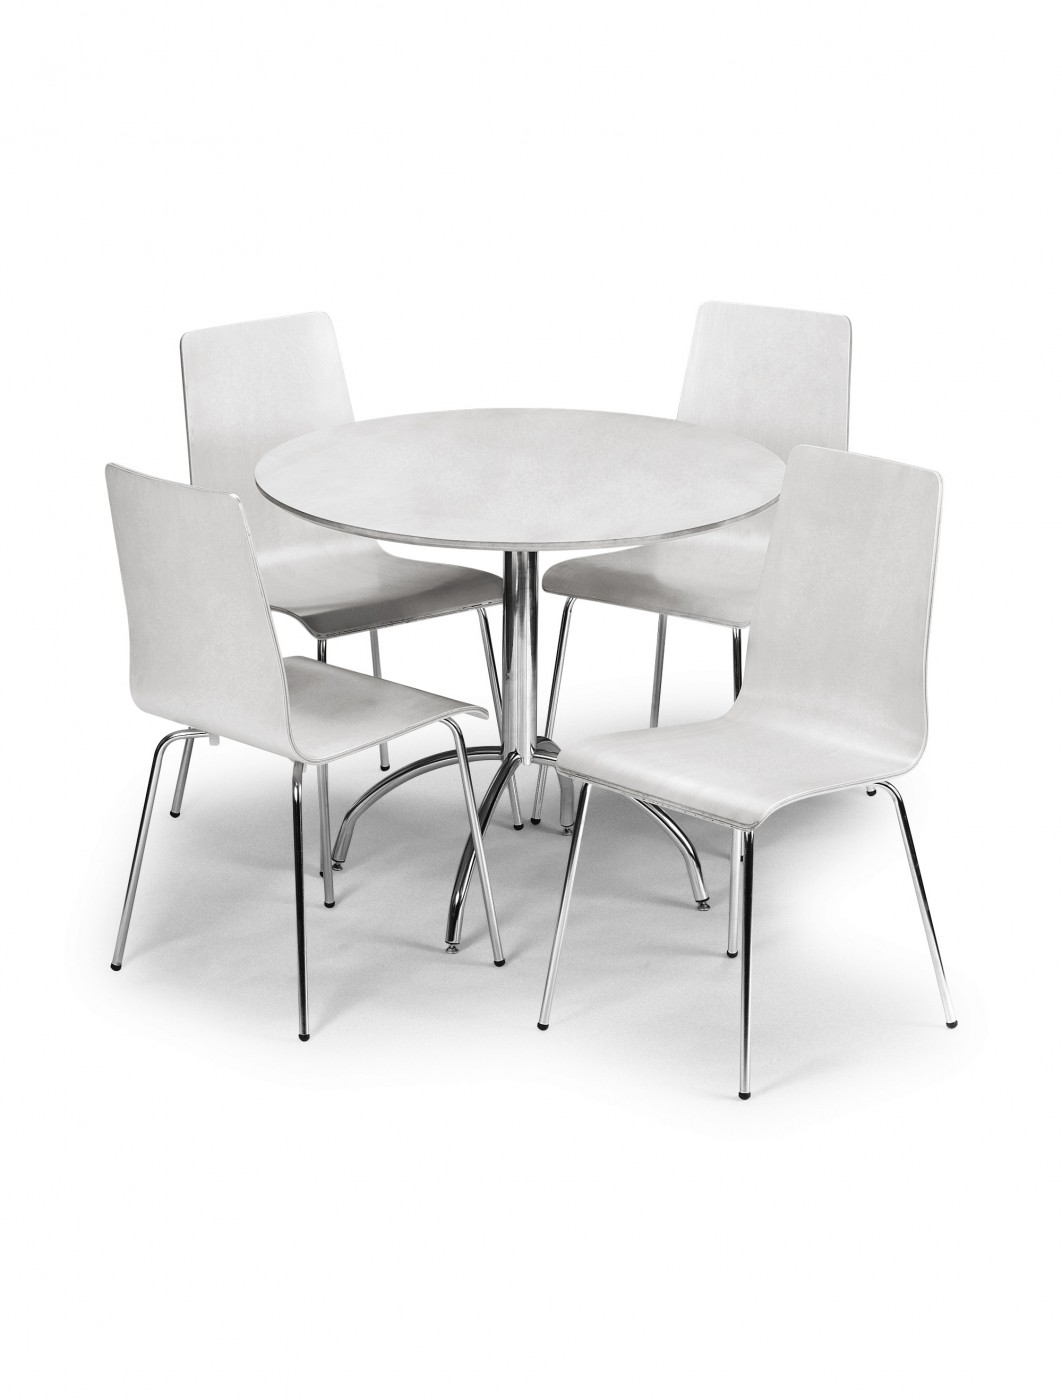 Dining Set MANSET 121 Office Furniture : 1380036366IsHBN56kmandywhitediningset from www.121furniture.co.uk size 1062 x 1400 jpeg 96kB